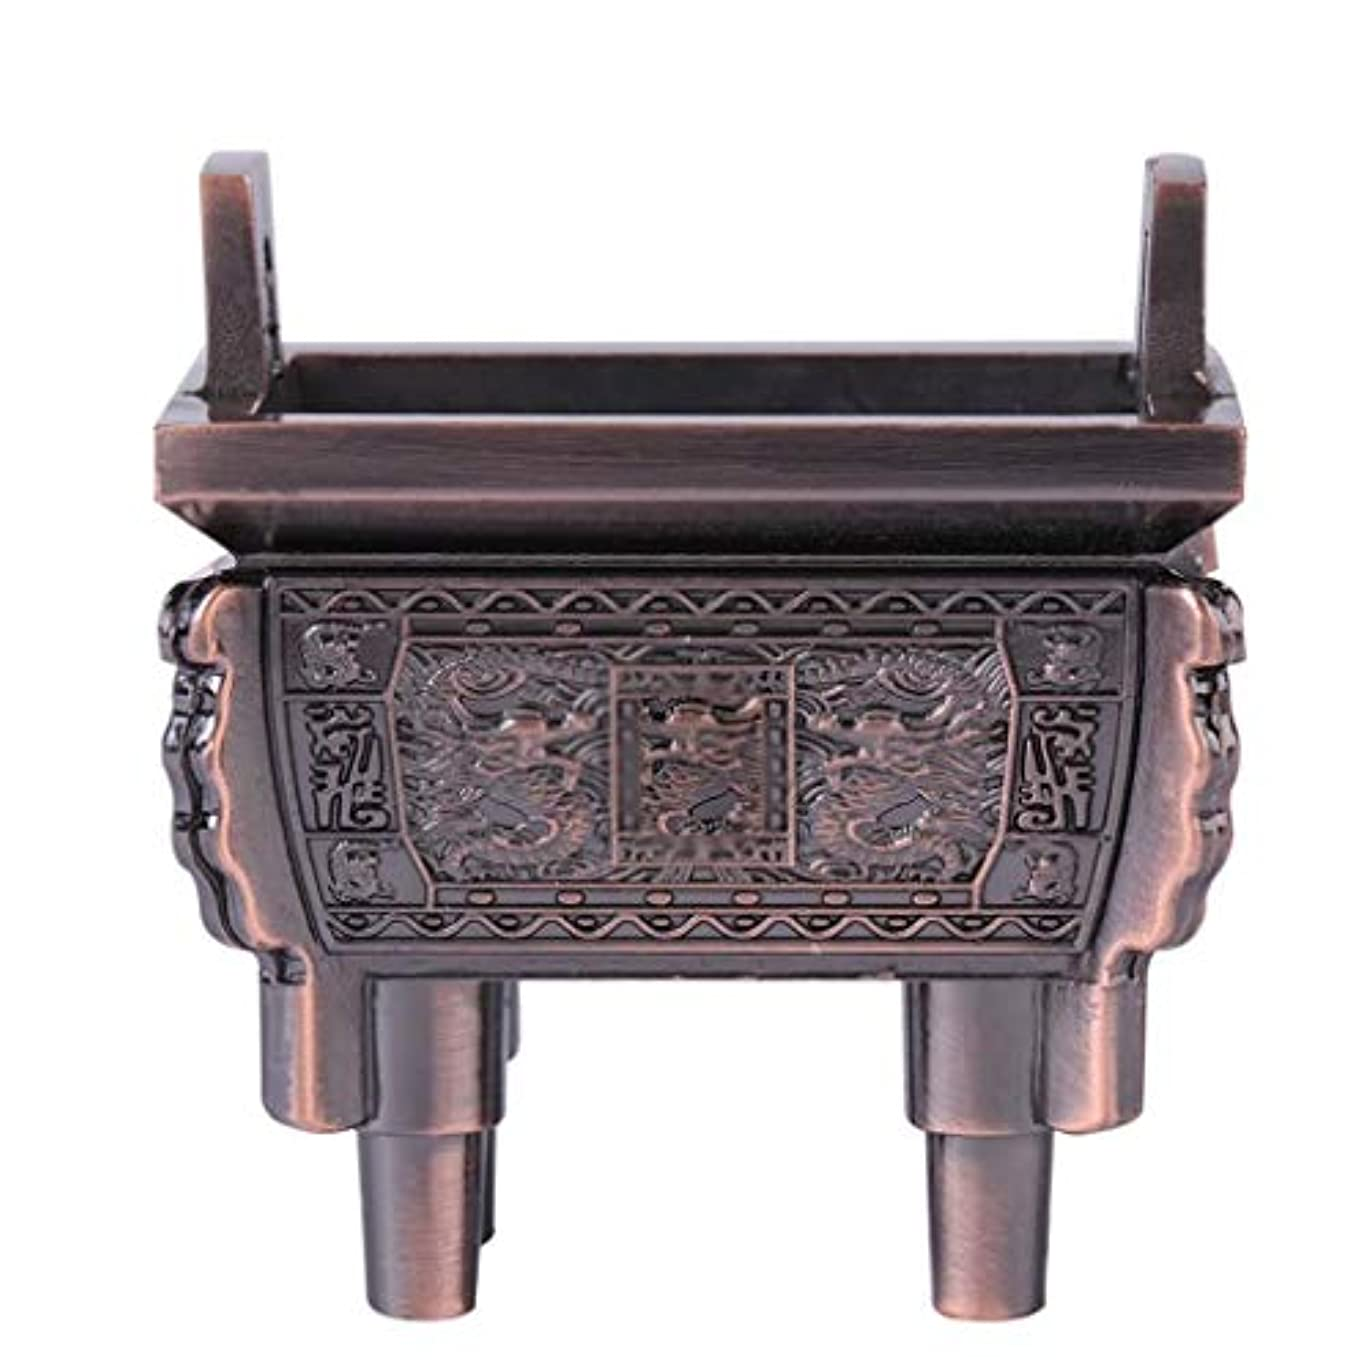 冷笑する禁止するスイングホームアロマバーナー 総本店のホテルの喫茶店の使用のための小型多機能香の棒のバーナーのホールダーのセンサー 芳香器アロマバーナー (Color : Brass)